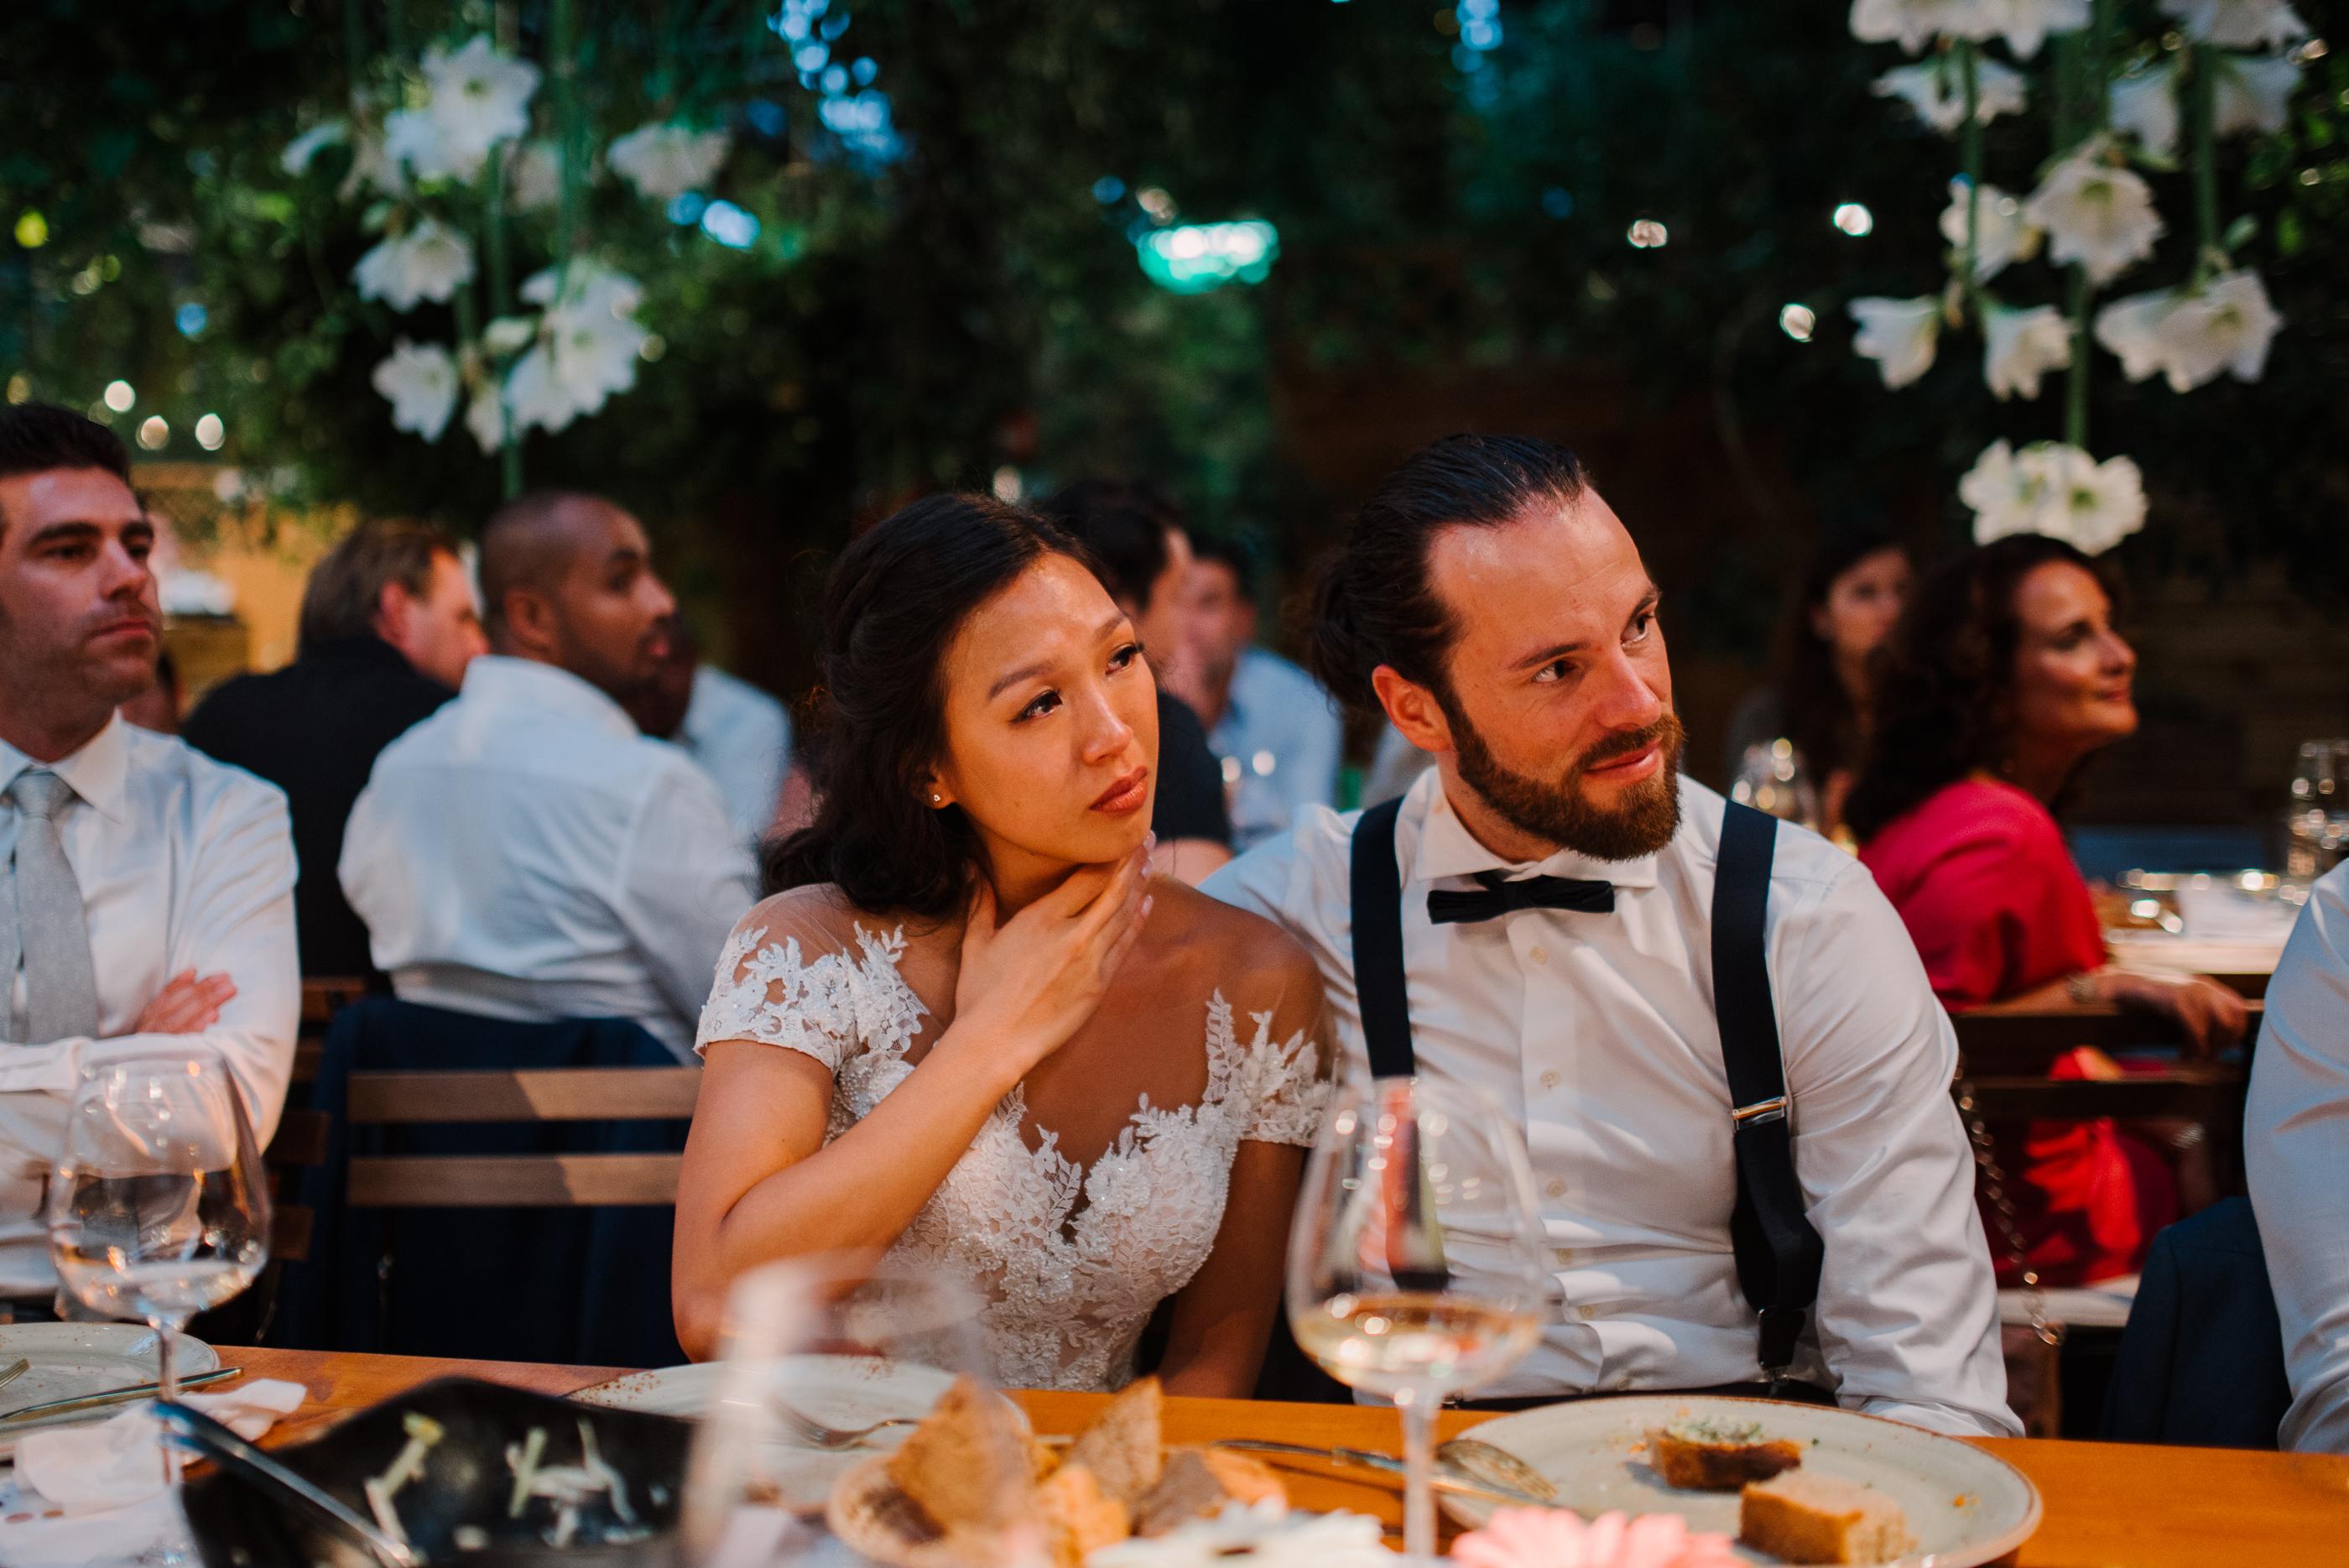 Anoukfotografeert- Danny & Vivian-401